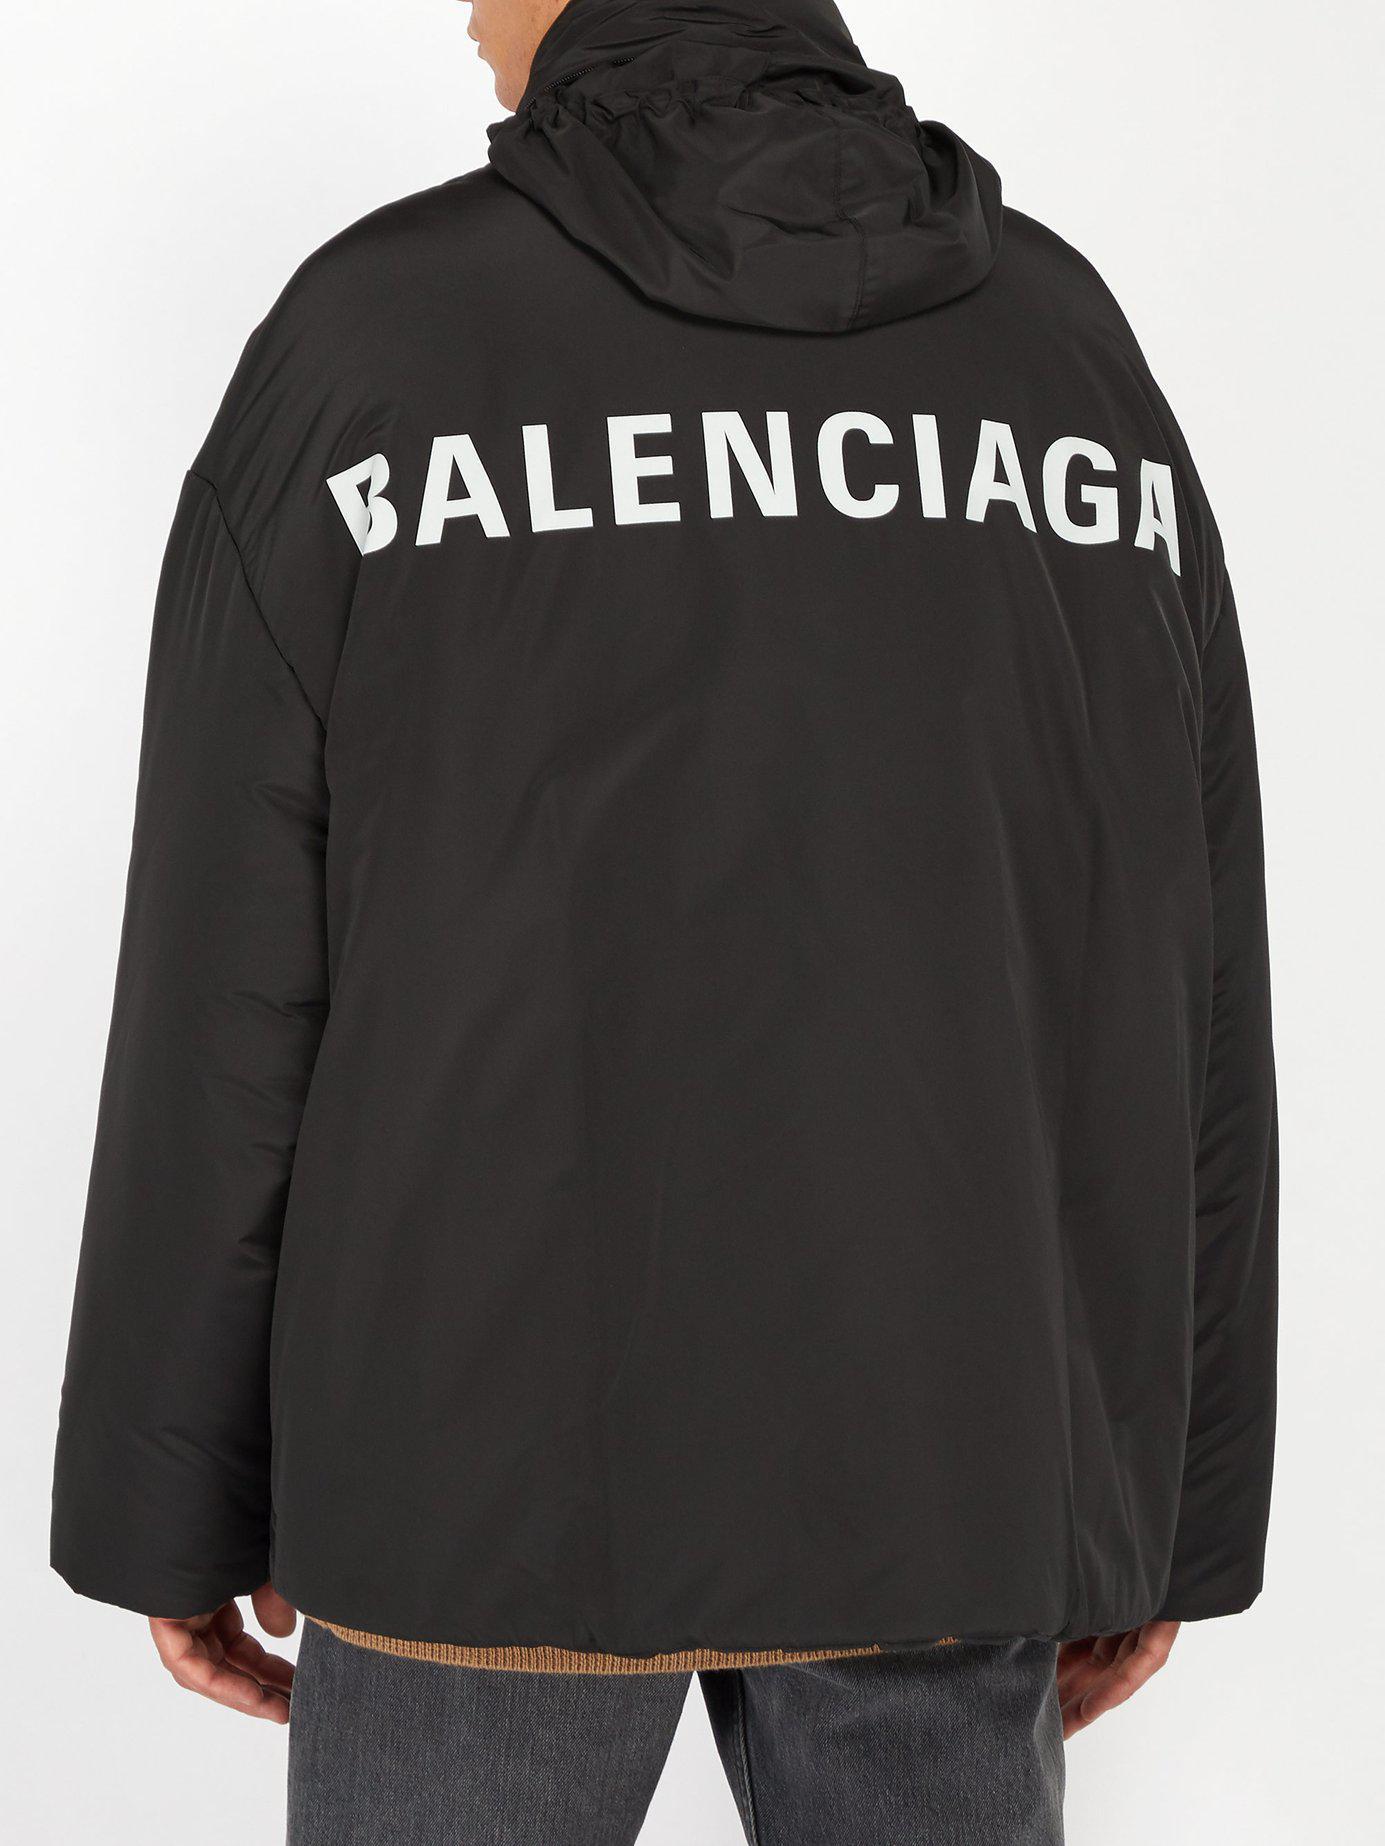 Balenciaga Logo Windbreaker Jacket in